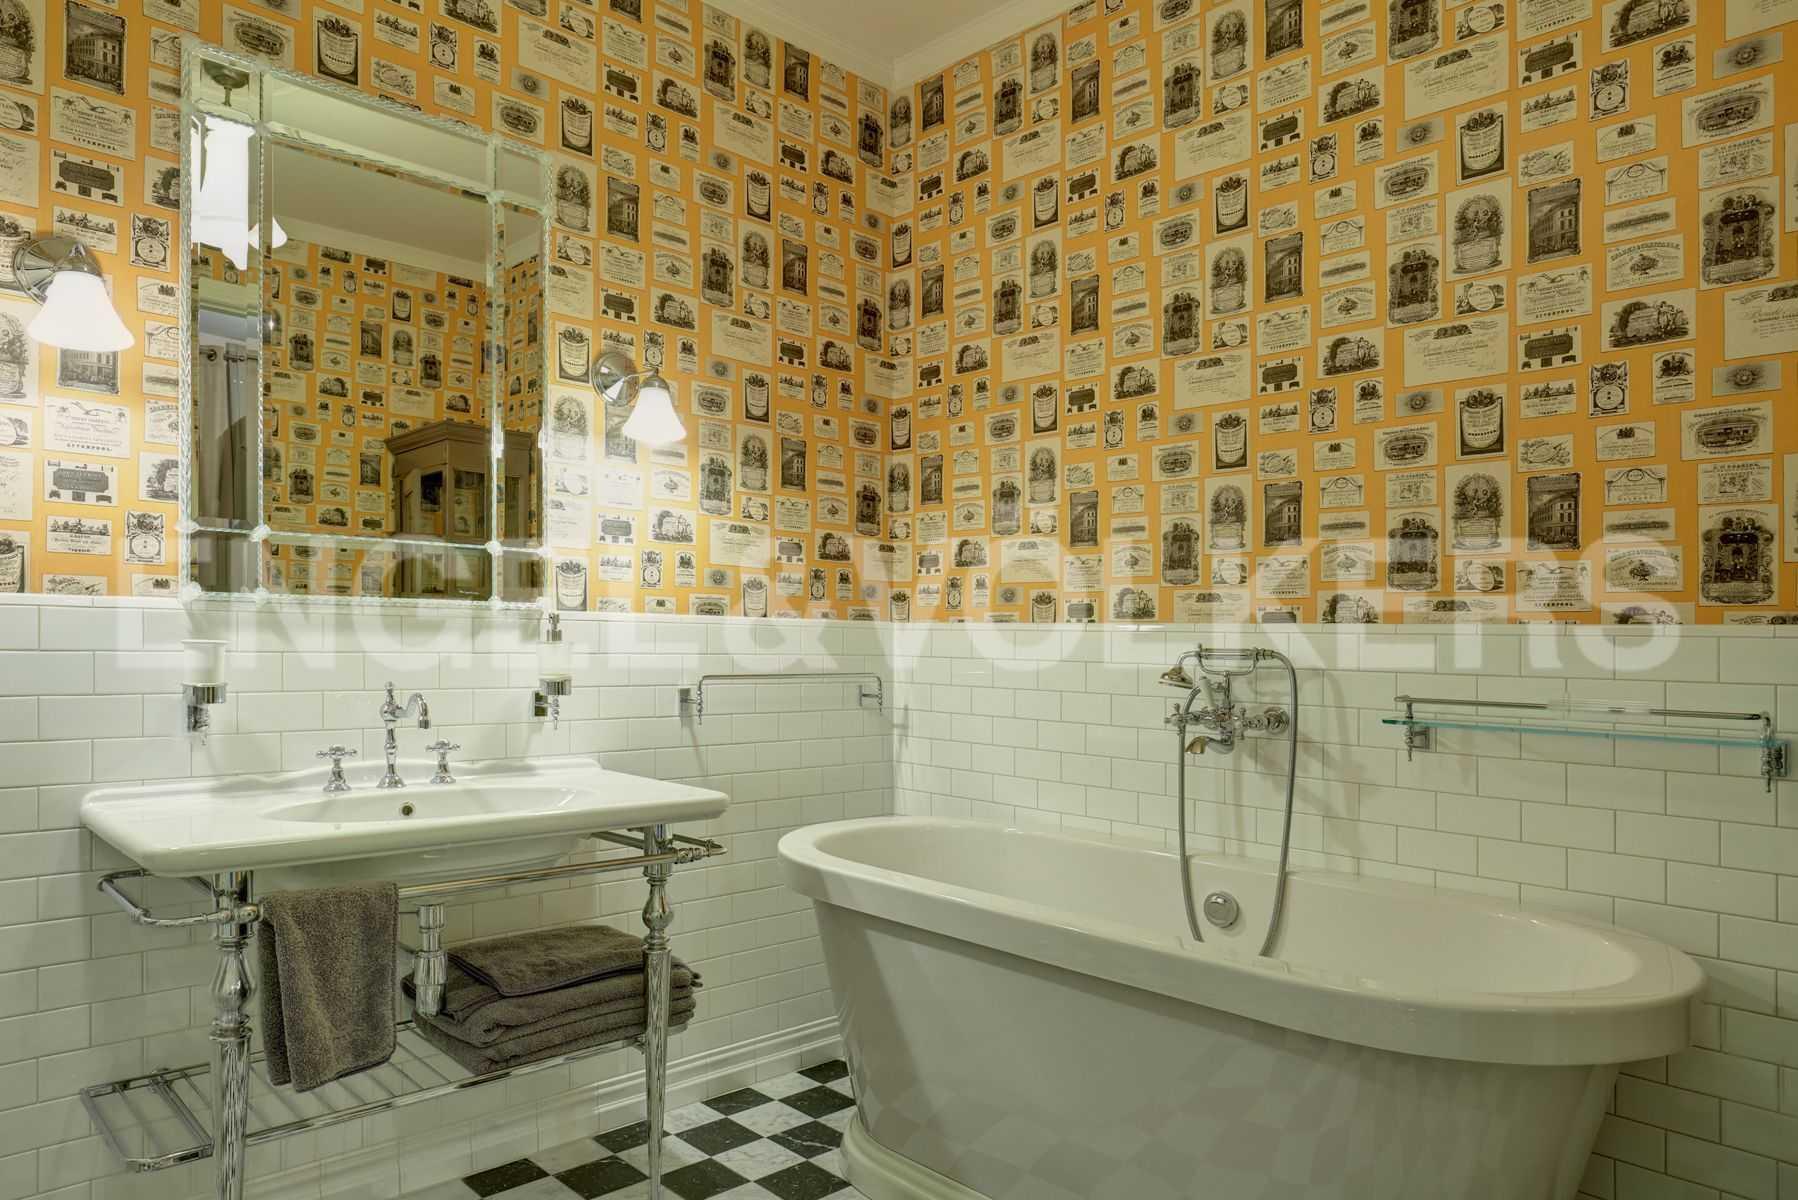 Элитные квартиры на Крестовском острове. Санкт-Петербург, Динамо,12. Ванная рядом со спальней